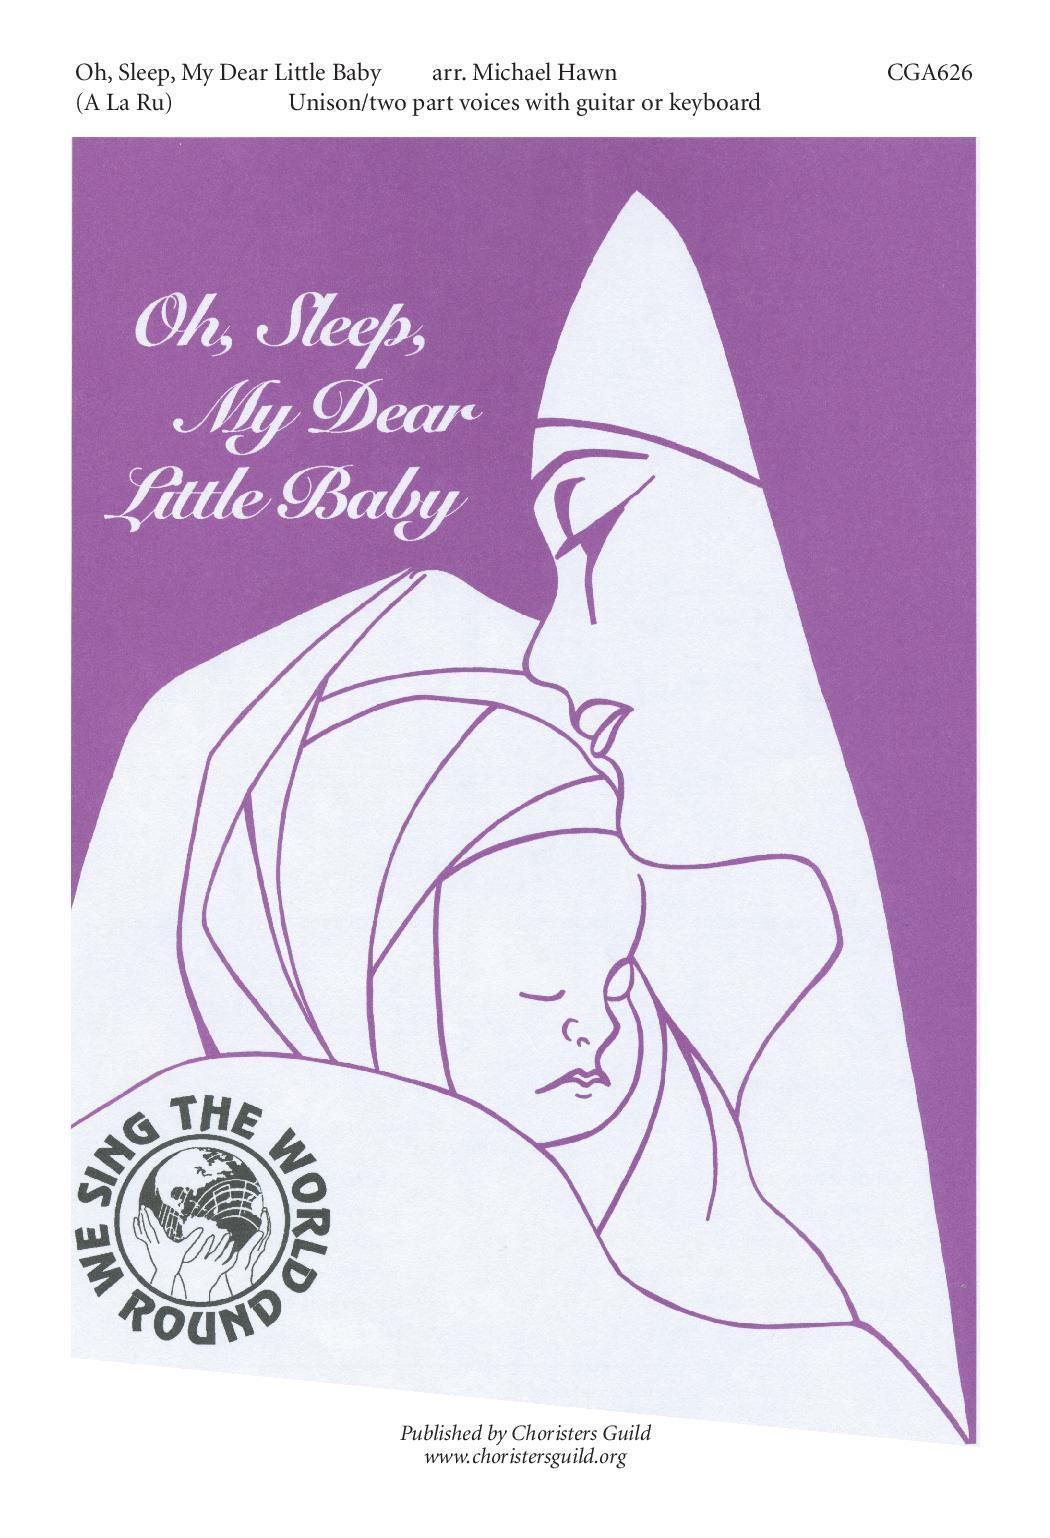 Oh, Sleep, My Dear Little Baby